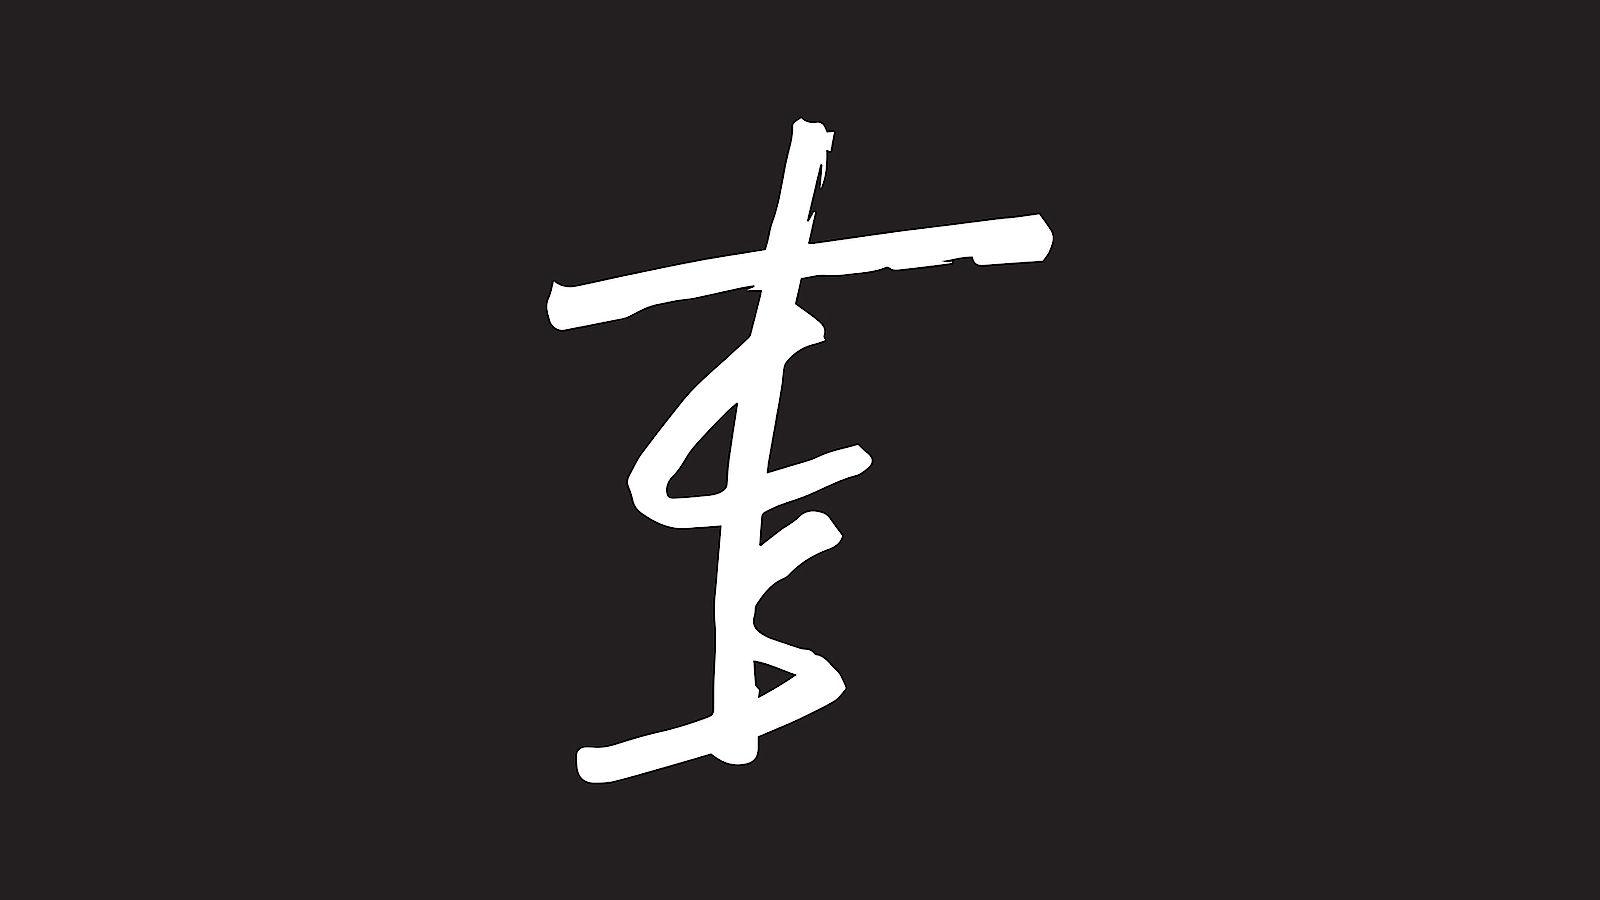 Neues Logo neue Chainsmokers